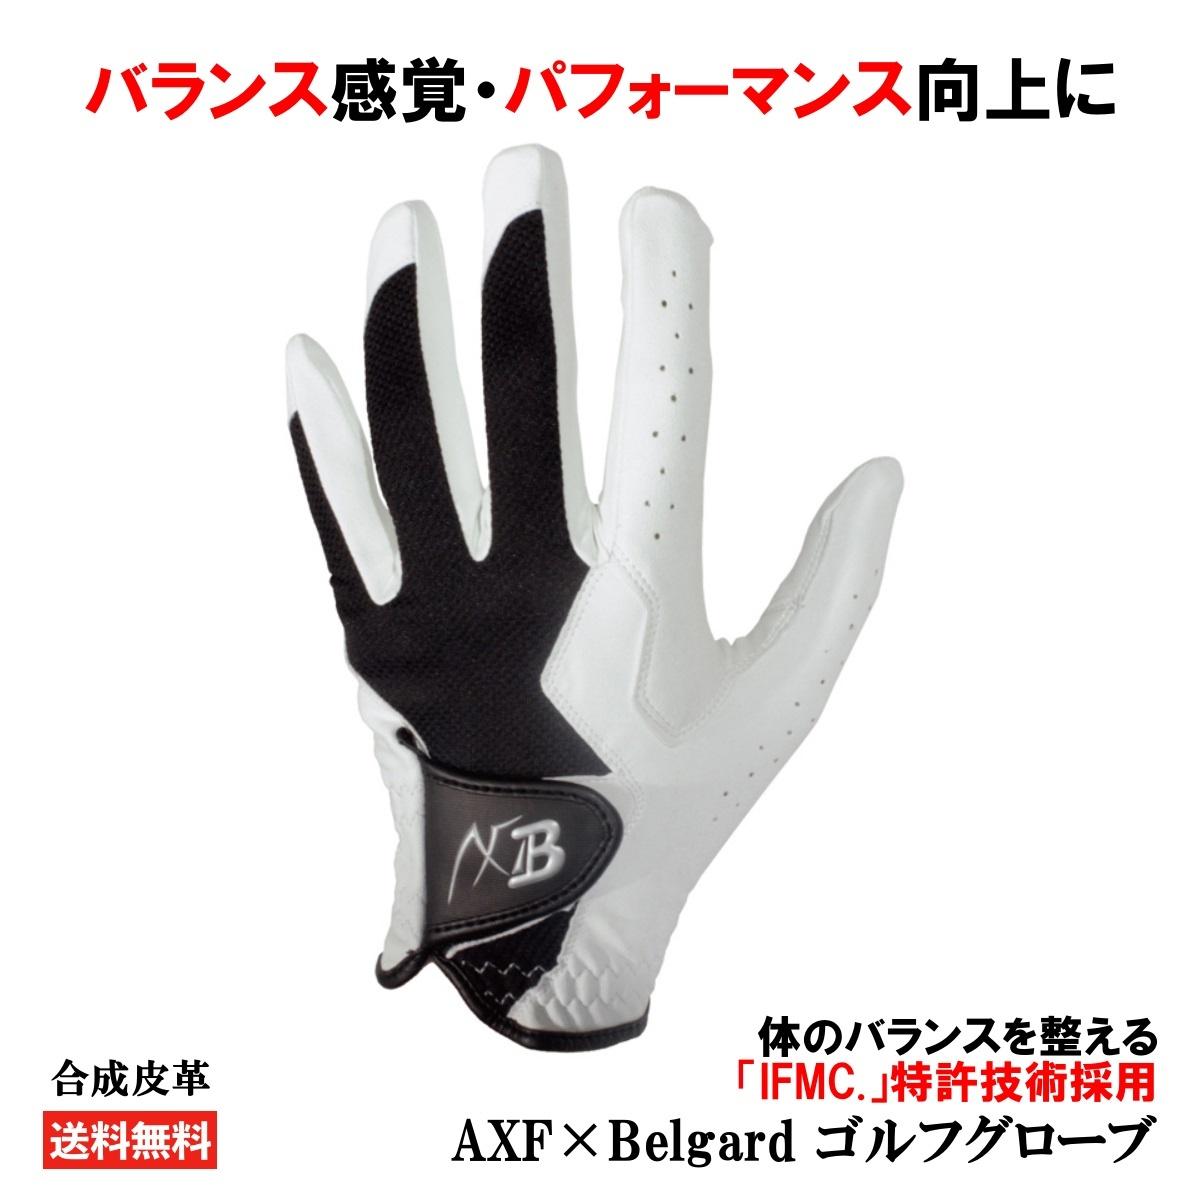 ゴルフグローブ メンズ 男性用 両手用 左手用 右手用 合成皮革 AXF×Belgard 体のバランス整える 格安SALEスタート IFMC. 特許技術採用 ゴルフ 永遠の定番モデル